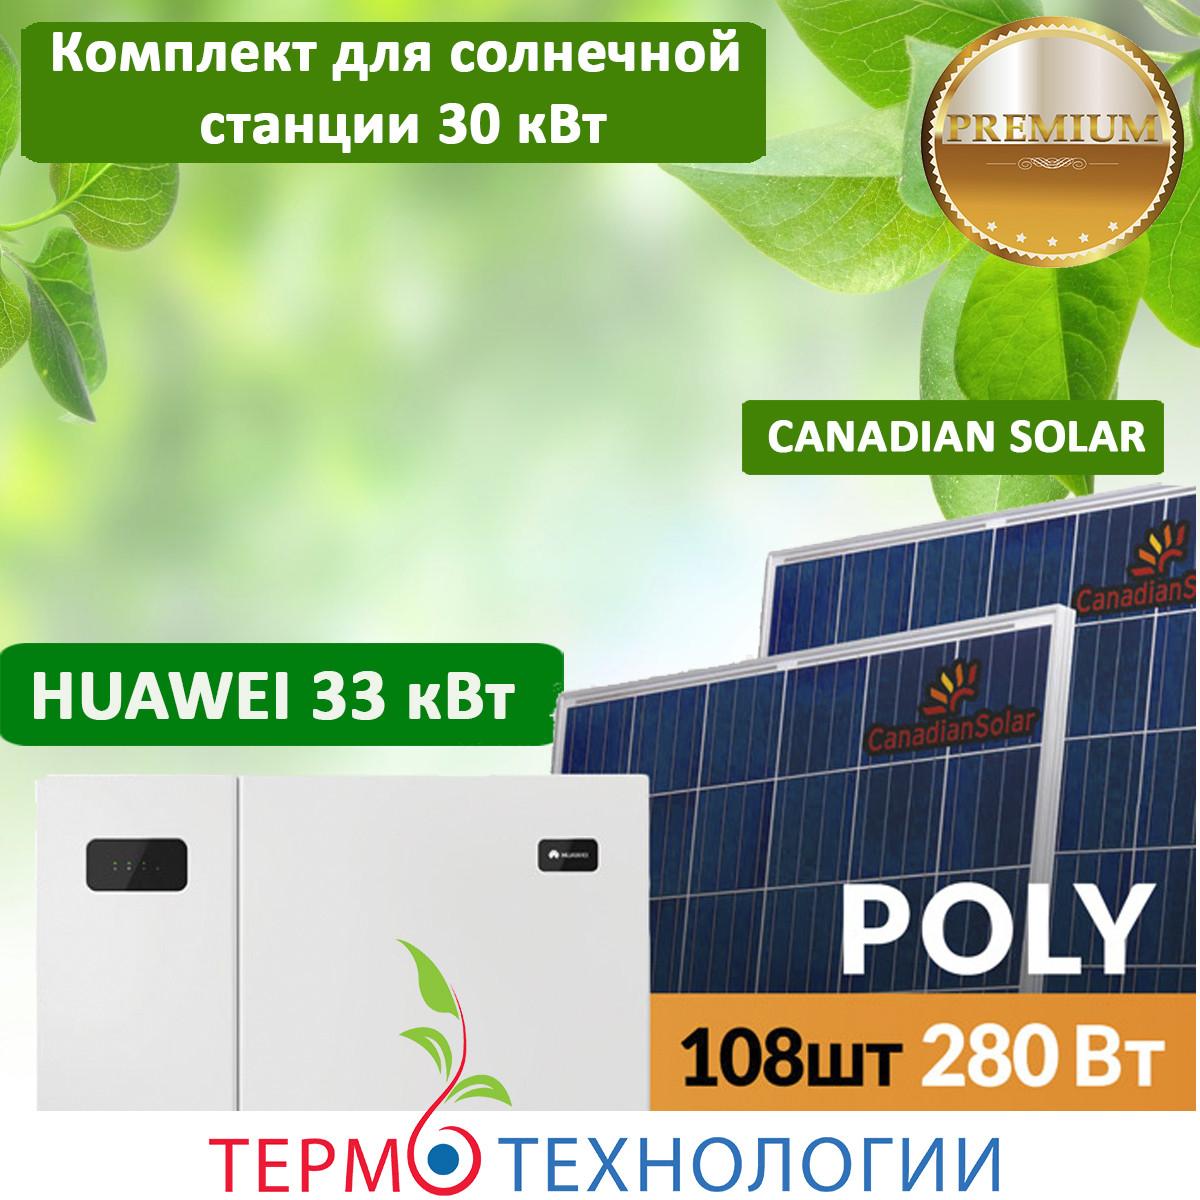 Комплект для сетевой солнечной станции 30 кВт Huawei и Canadian Solar